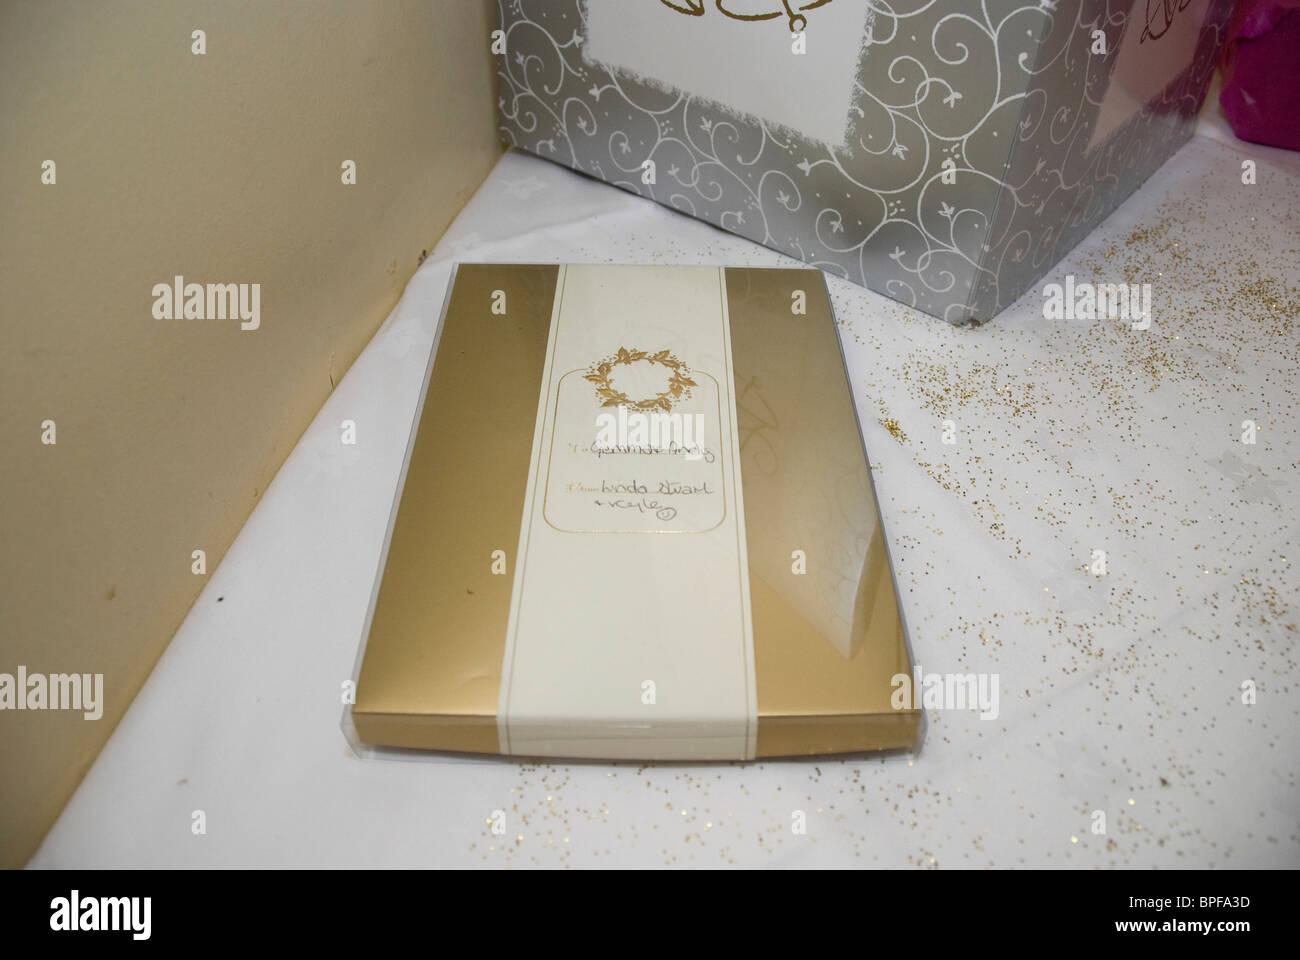 Hochzeitsgeschenk Auf Tisch Stockfoto Bild 31070017 Alamy